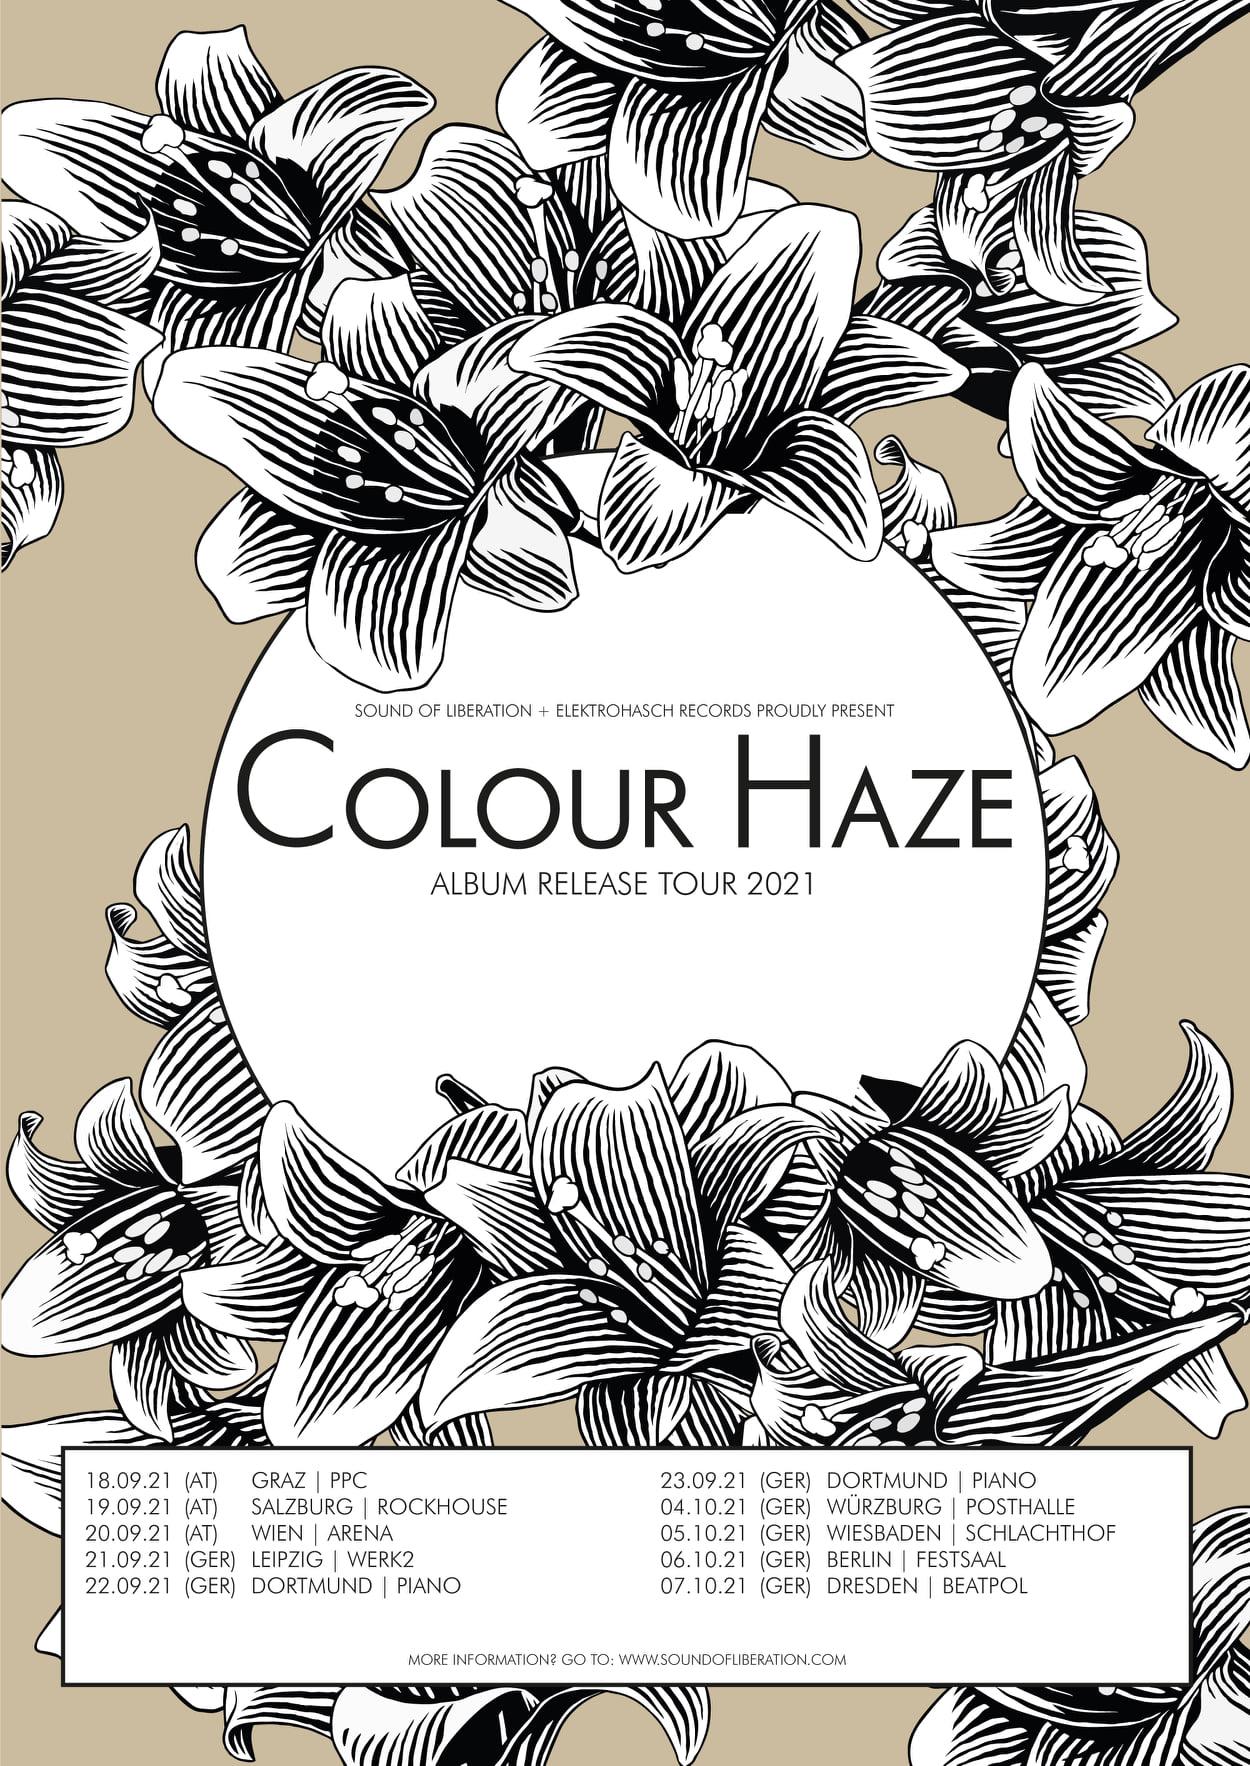 colour haze release tour